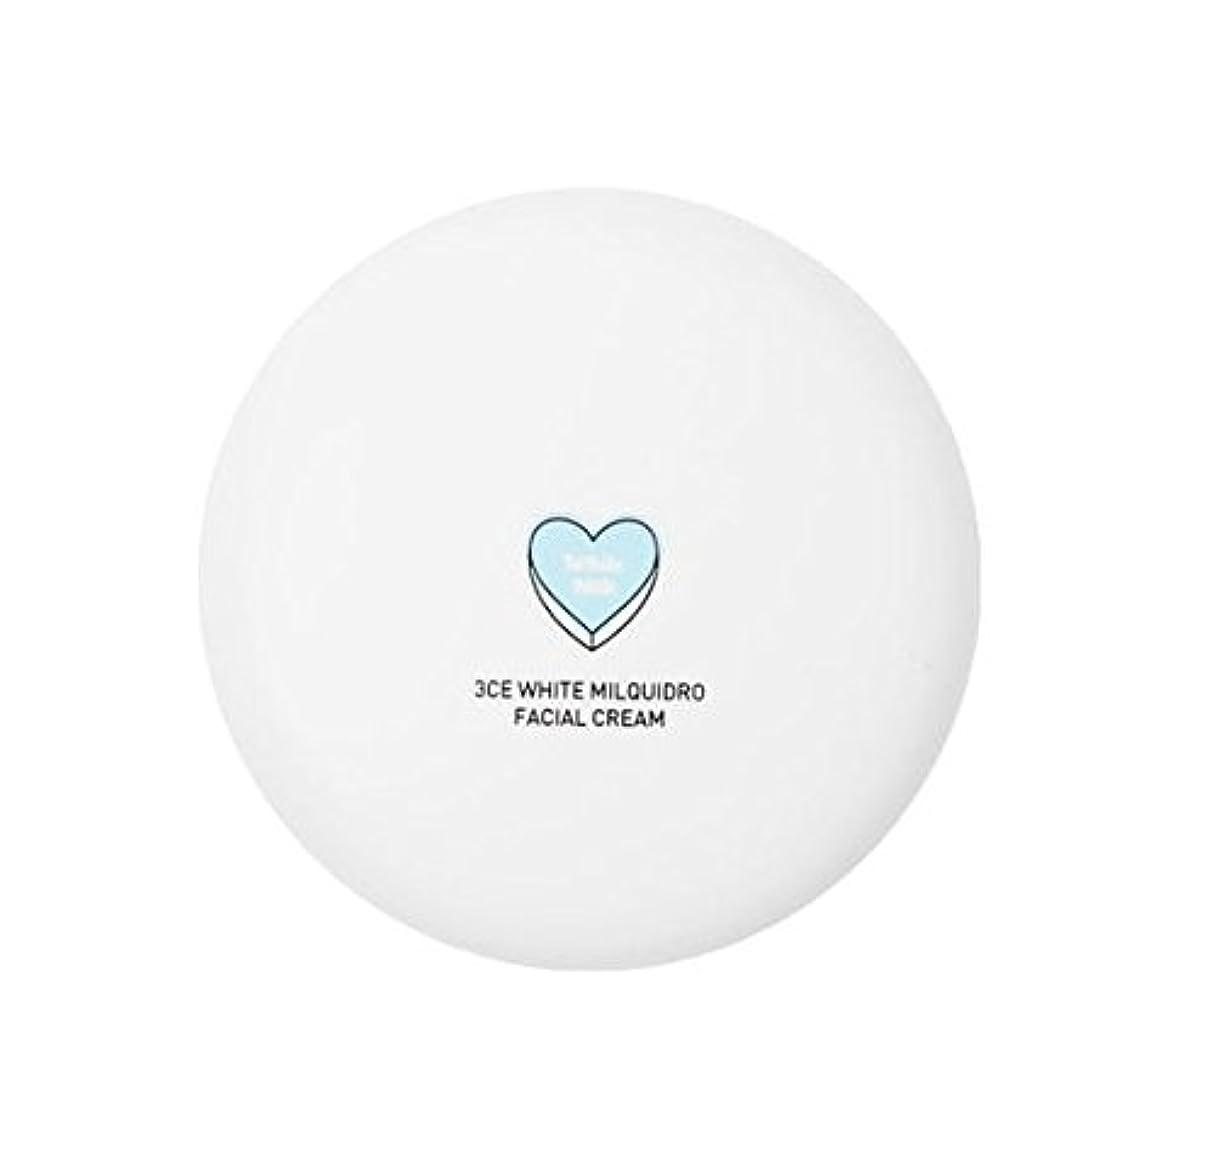 木曜日メアリアンジョーンズ広告3CE WHITE MILQUIDRO FACIAL CREAM 50ml / 3CE ホワイトミルクウィドローフェイシャルクリーム [並行輸入品]